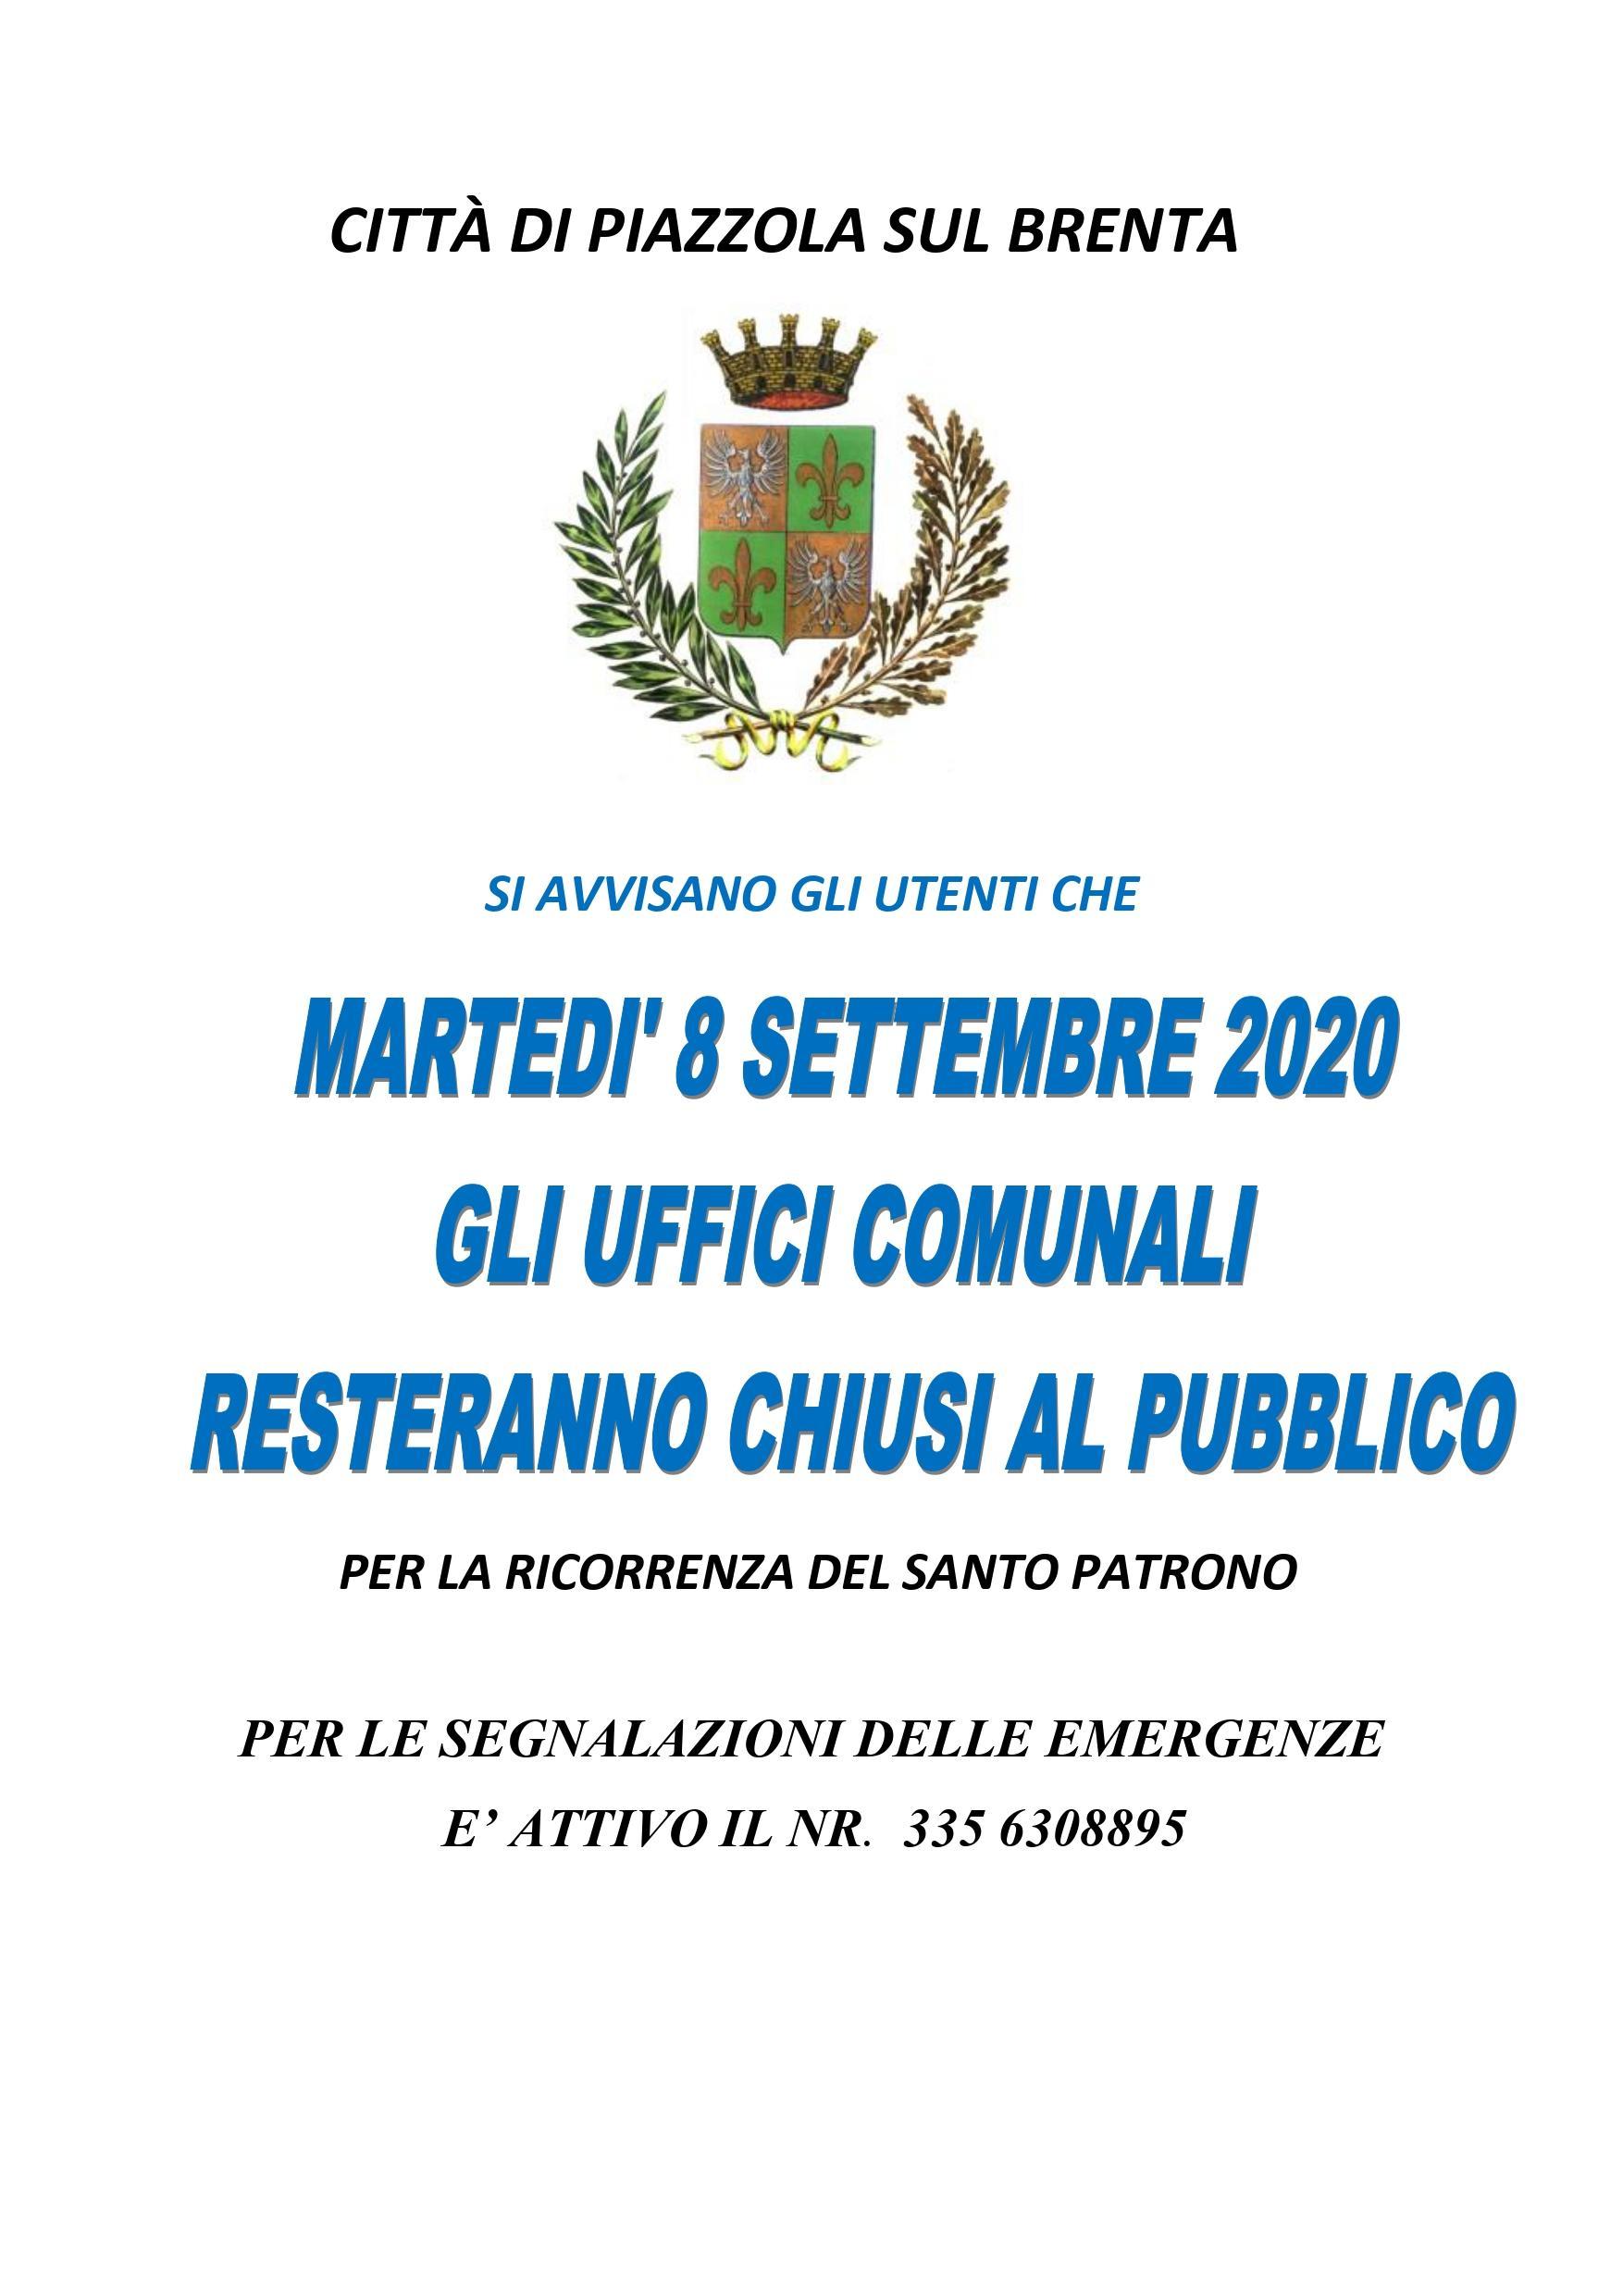 Festa del Santo Patrono di Piazzola sul Brenta